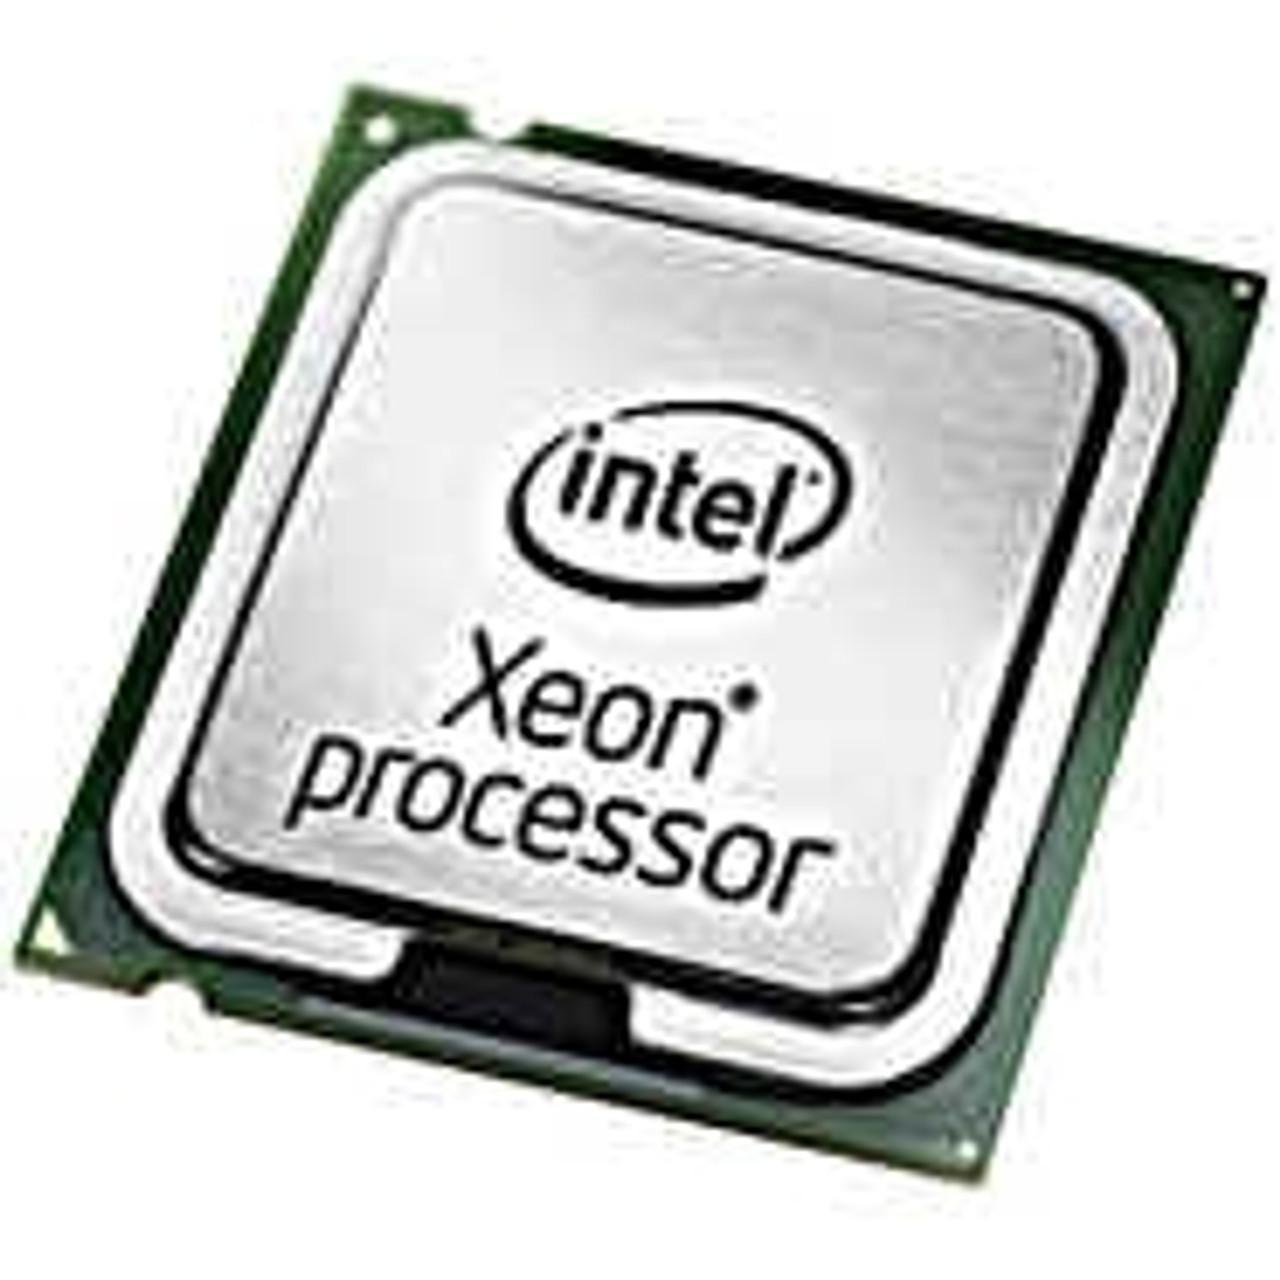 Intel Xeon 5400 Quad-Core CPUs